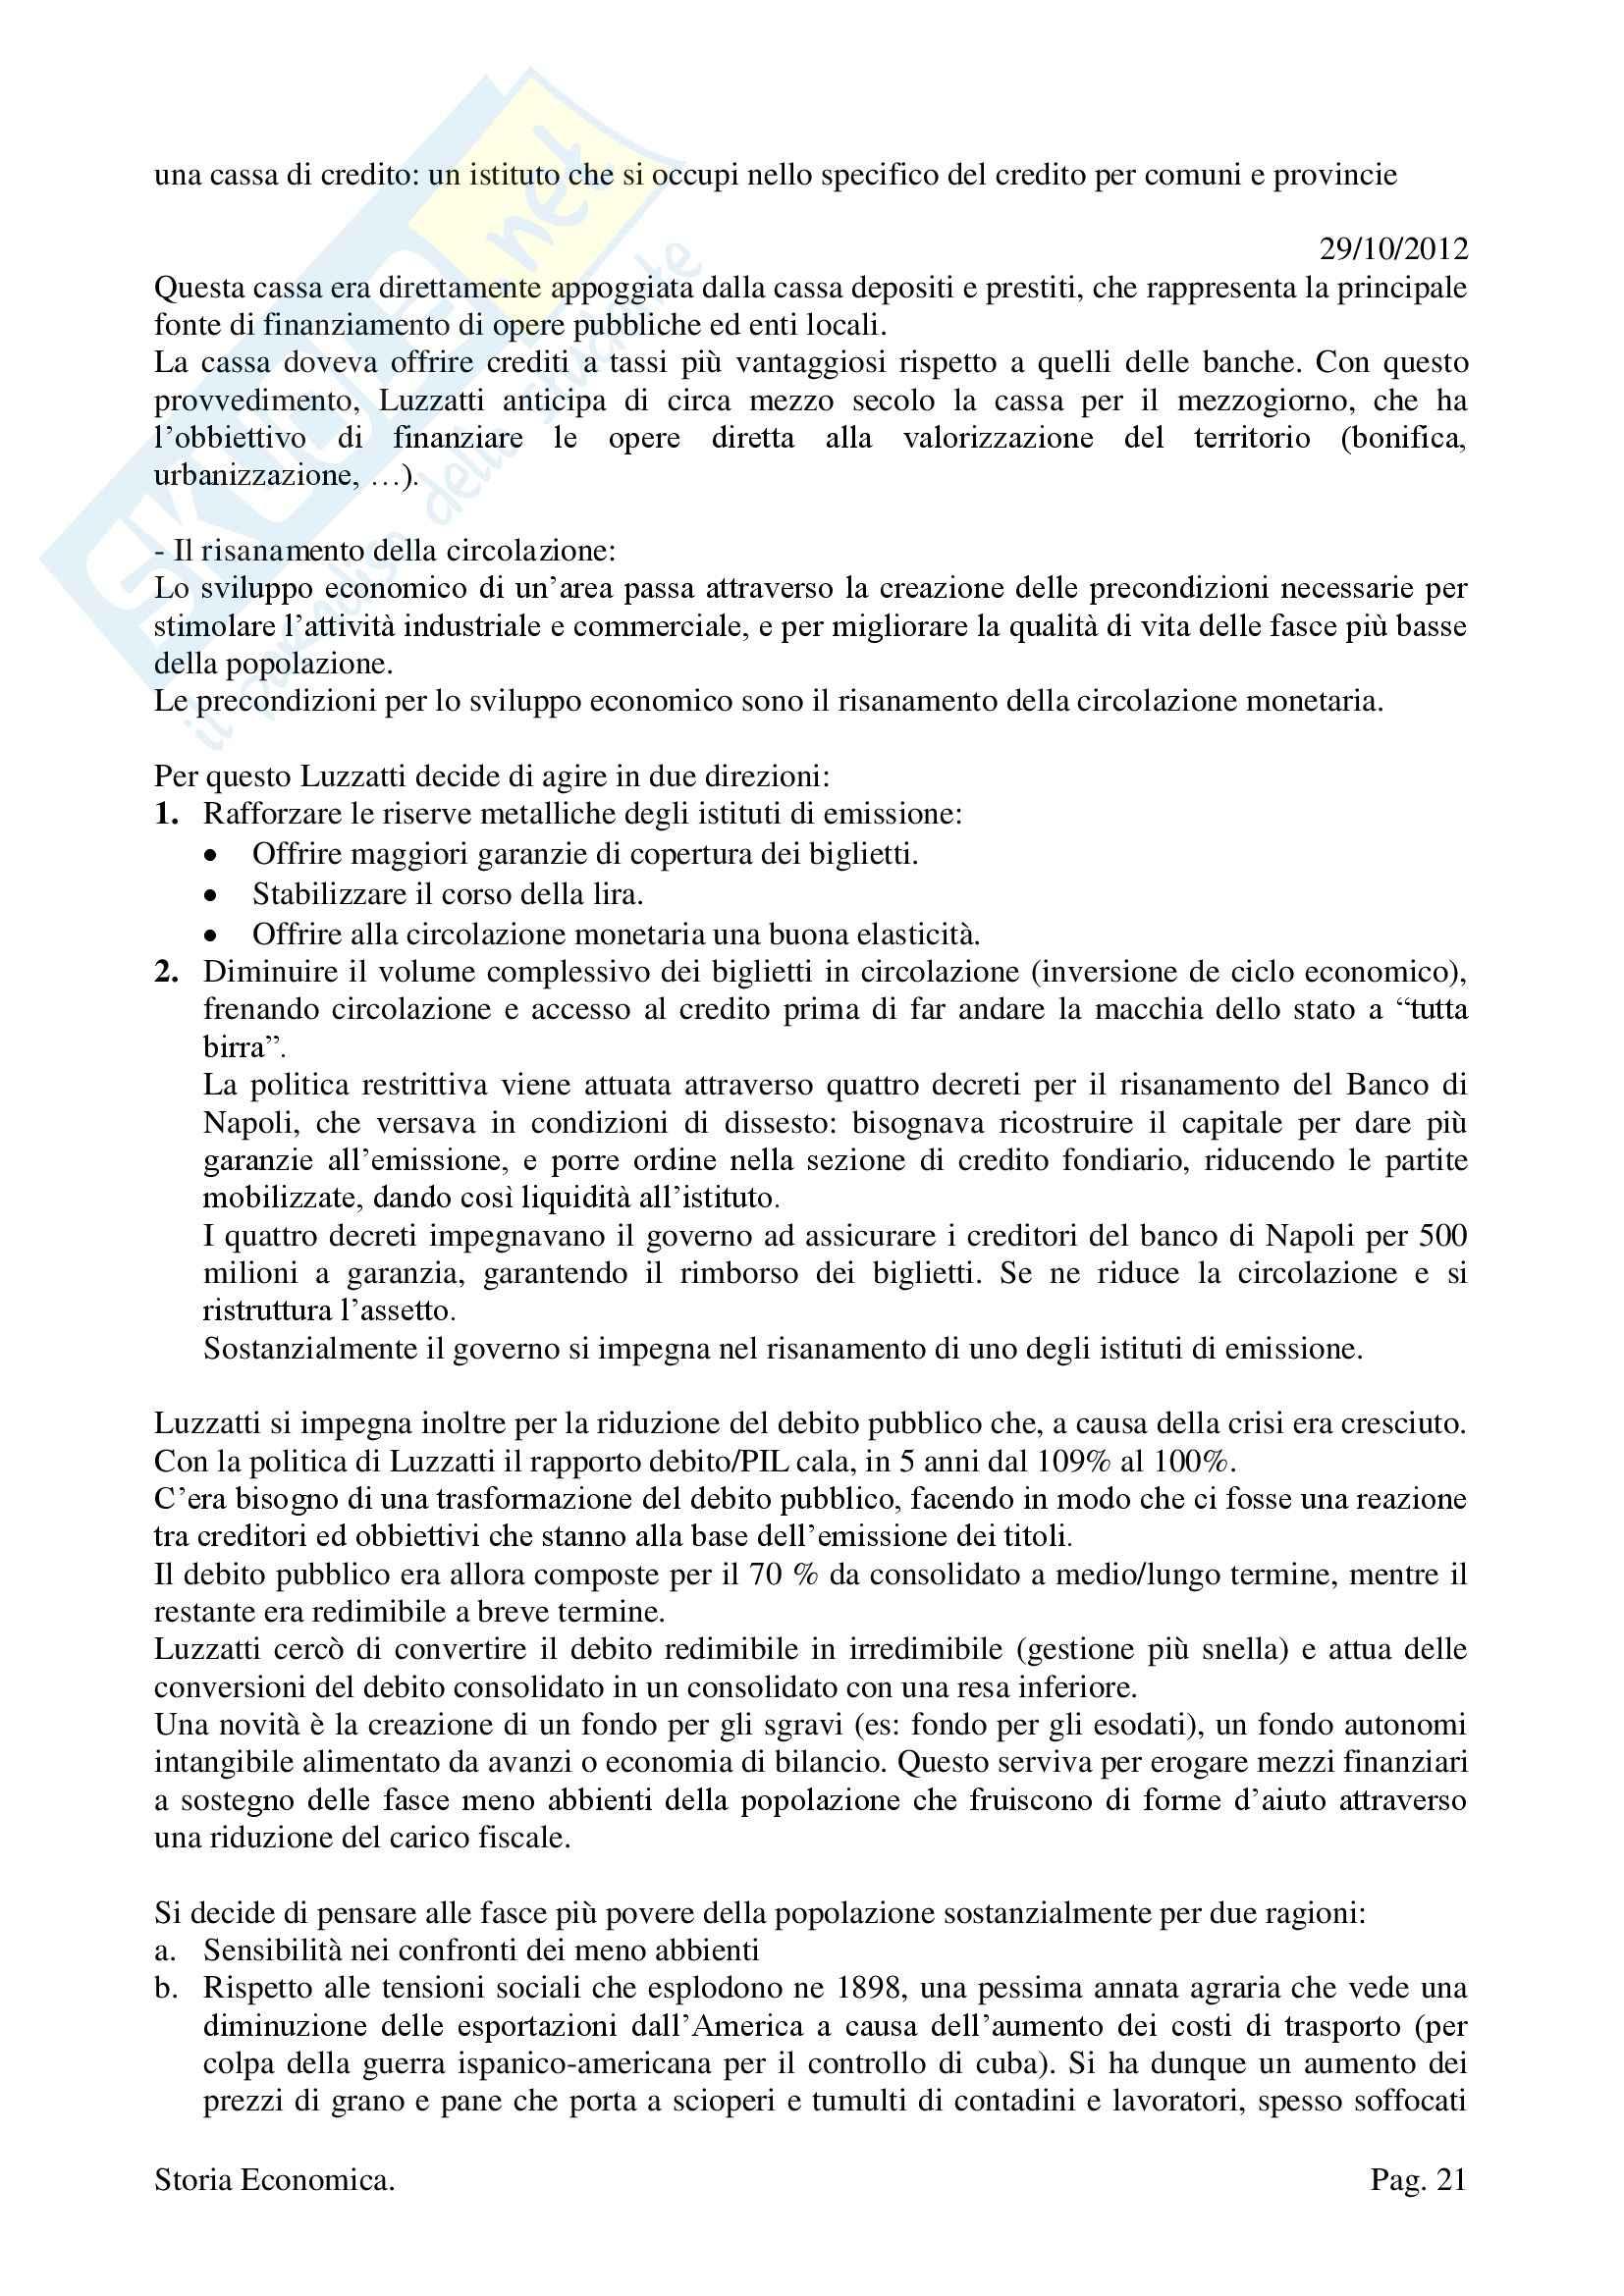 Storia Economica - Appunti Pag. 21